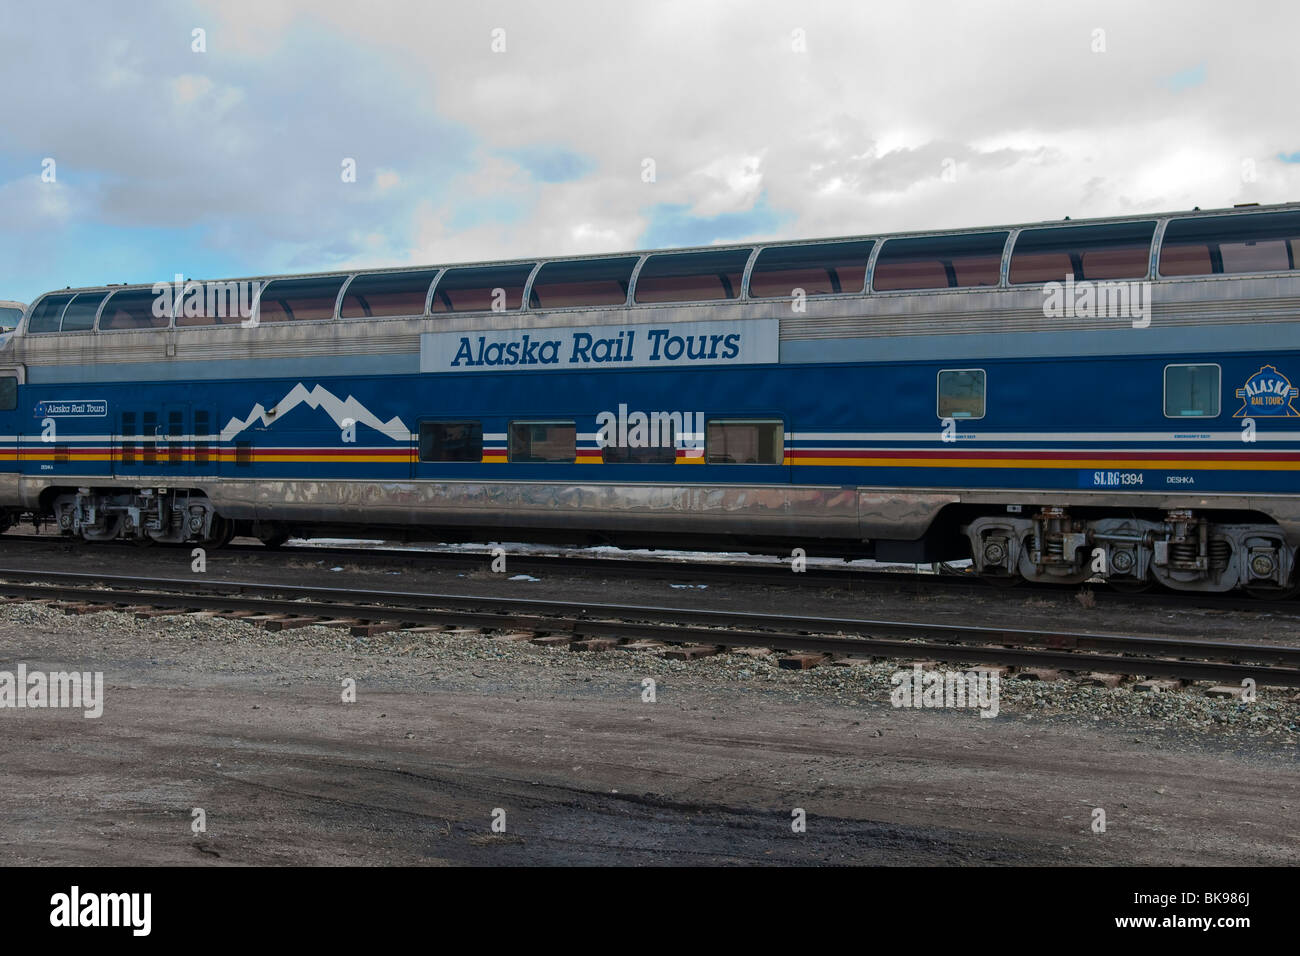 Alaska Rail Tours Scenic railroad passenger car - Stock Image